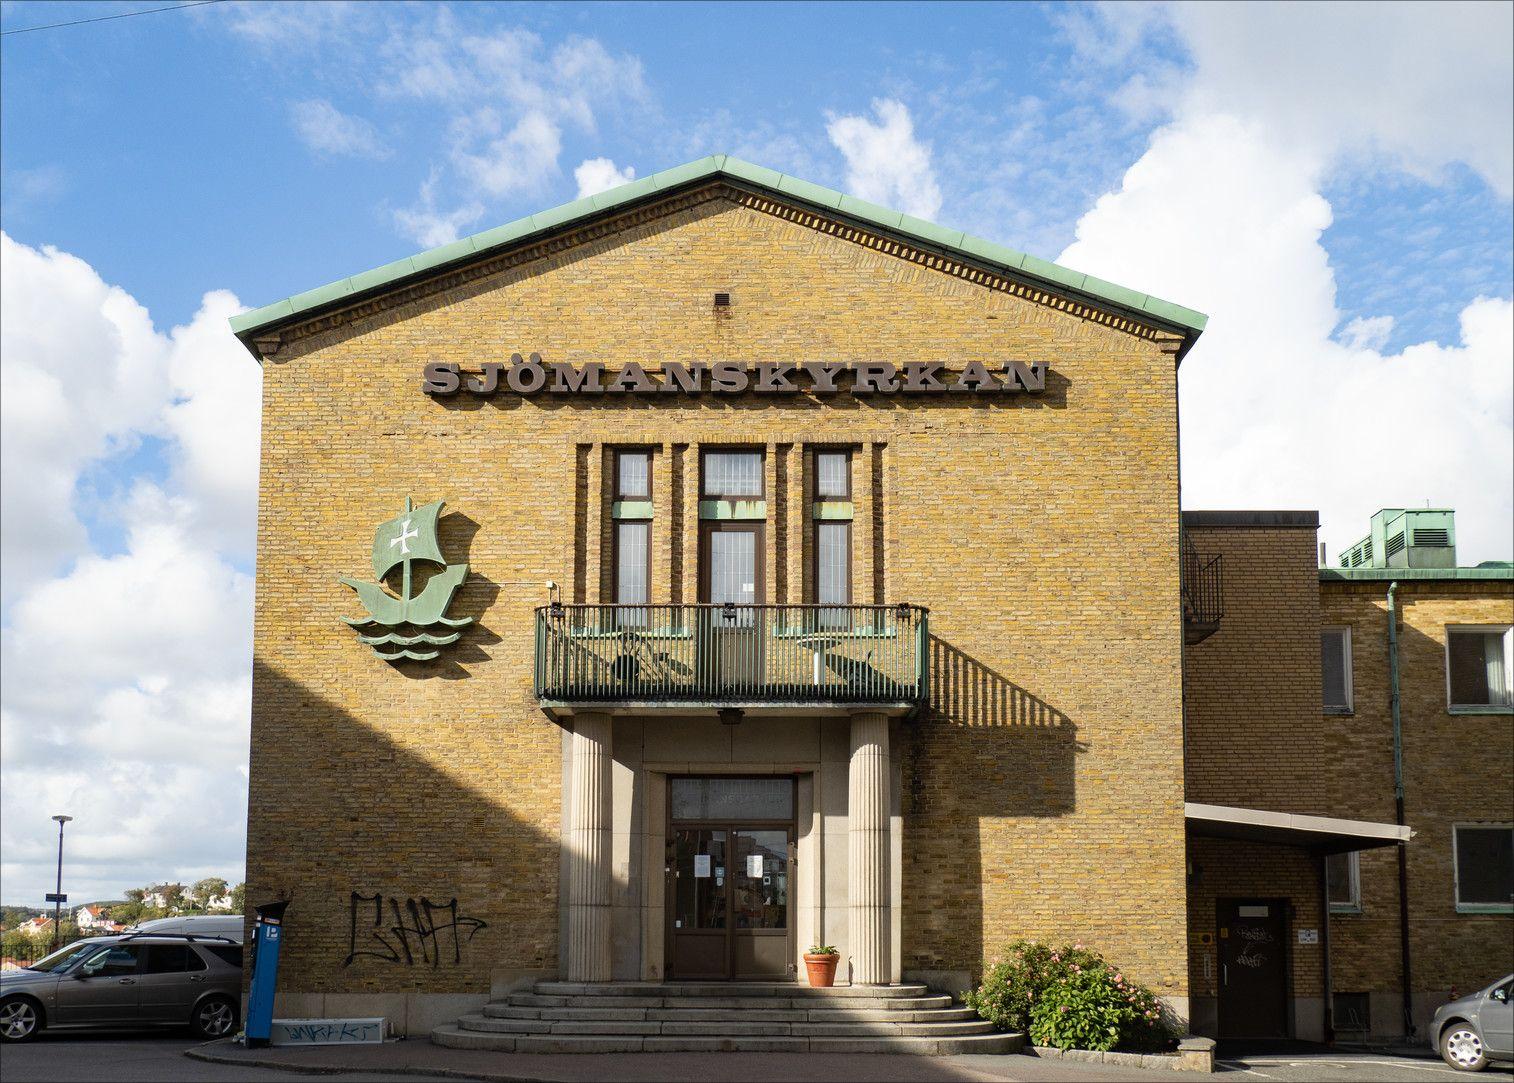 Sjömanskyrkan.jpg